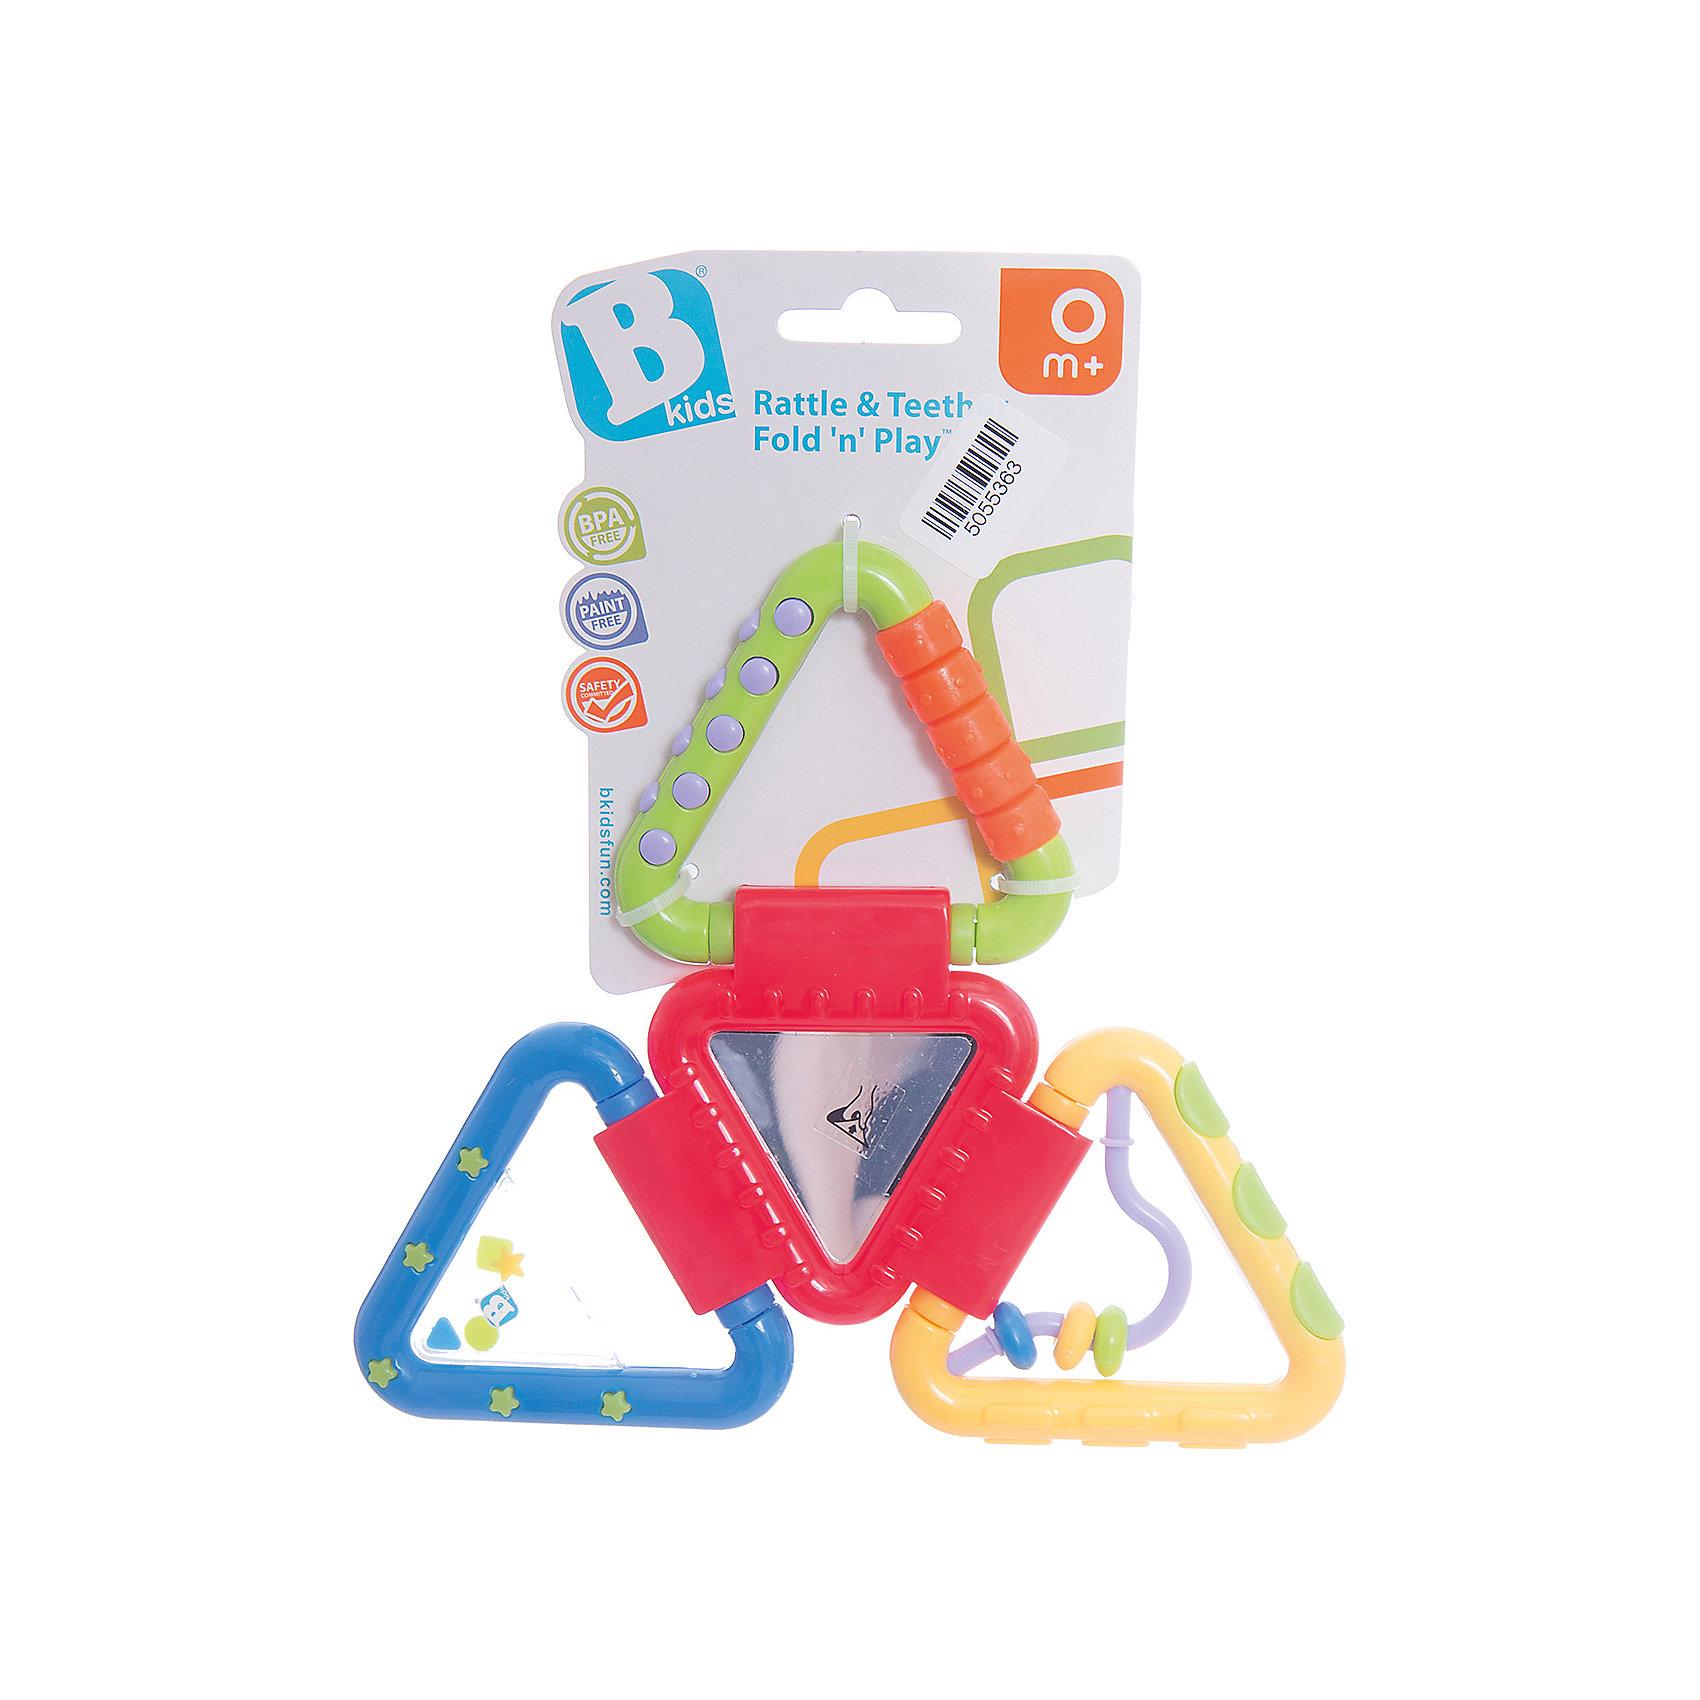 Игрушка Веселые треугольнички, BKidsРазвивающие игрушки<br>Развивать способности ребенка можно с самого раннего возраста. Делая это в игре, малыш всесторонне изучает мир и осваивает новые навыки. Эта игрушка состоит из треугольничков, складывающихся в фигуру. Она имеет специальные поверхности для режущихся зубов, лабиринт, гремящую часть и зеркало.<br>Такие игрушки способствуют развитию мелкой моторики, воображения, цвето- и звуковосприятия, тактильных ощущений. Изделие разработано специально для самых маленьких. Сделано из материалов, безопасных для детей.<br><br>Дополнительная информация:<br><br>цвет: разноцветный;<br>комплектация: развертка из 4 треугольников;<br>возраст: с рождения.<br><br>Игрушку Веселые треугольнички от бренда BKids можно купить в нашем интернет-магазине.<br><br>Ширина мм: 101<br>Глубина мм: 101<br>Высота мм: 20<br>Вес г: 95<br>Возраст от месяцев: 0<br>Возраст до месяцев: 36<br>Пол: Унисекс<br>Возраст: Детский<br>SKU: 5055363